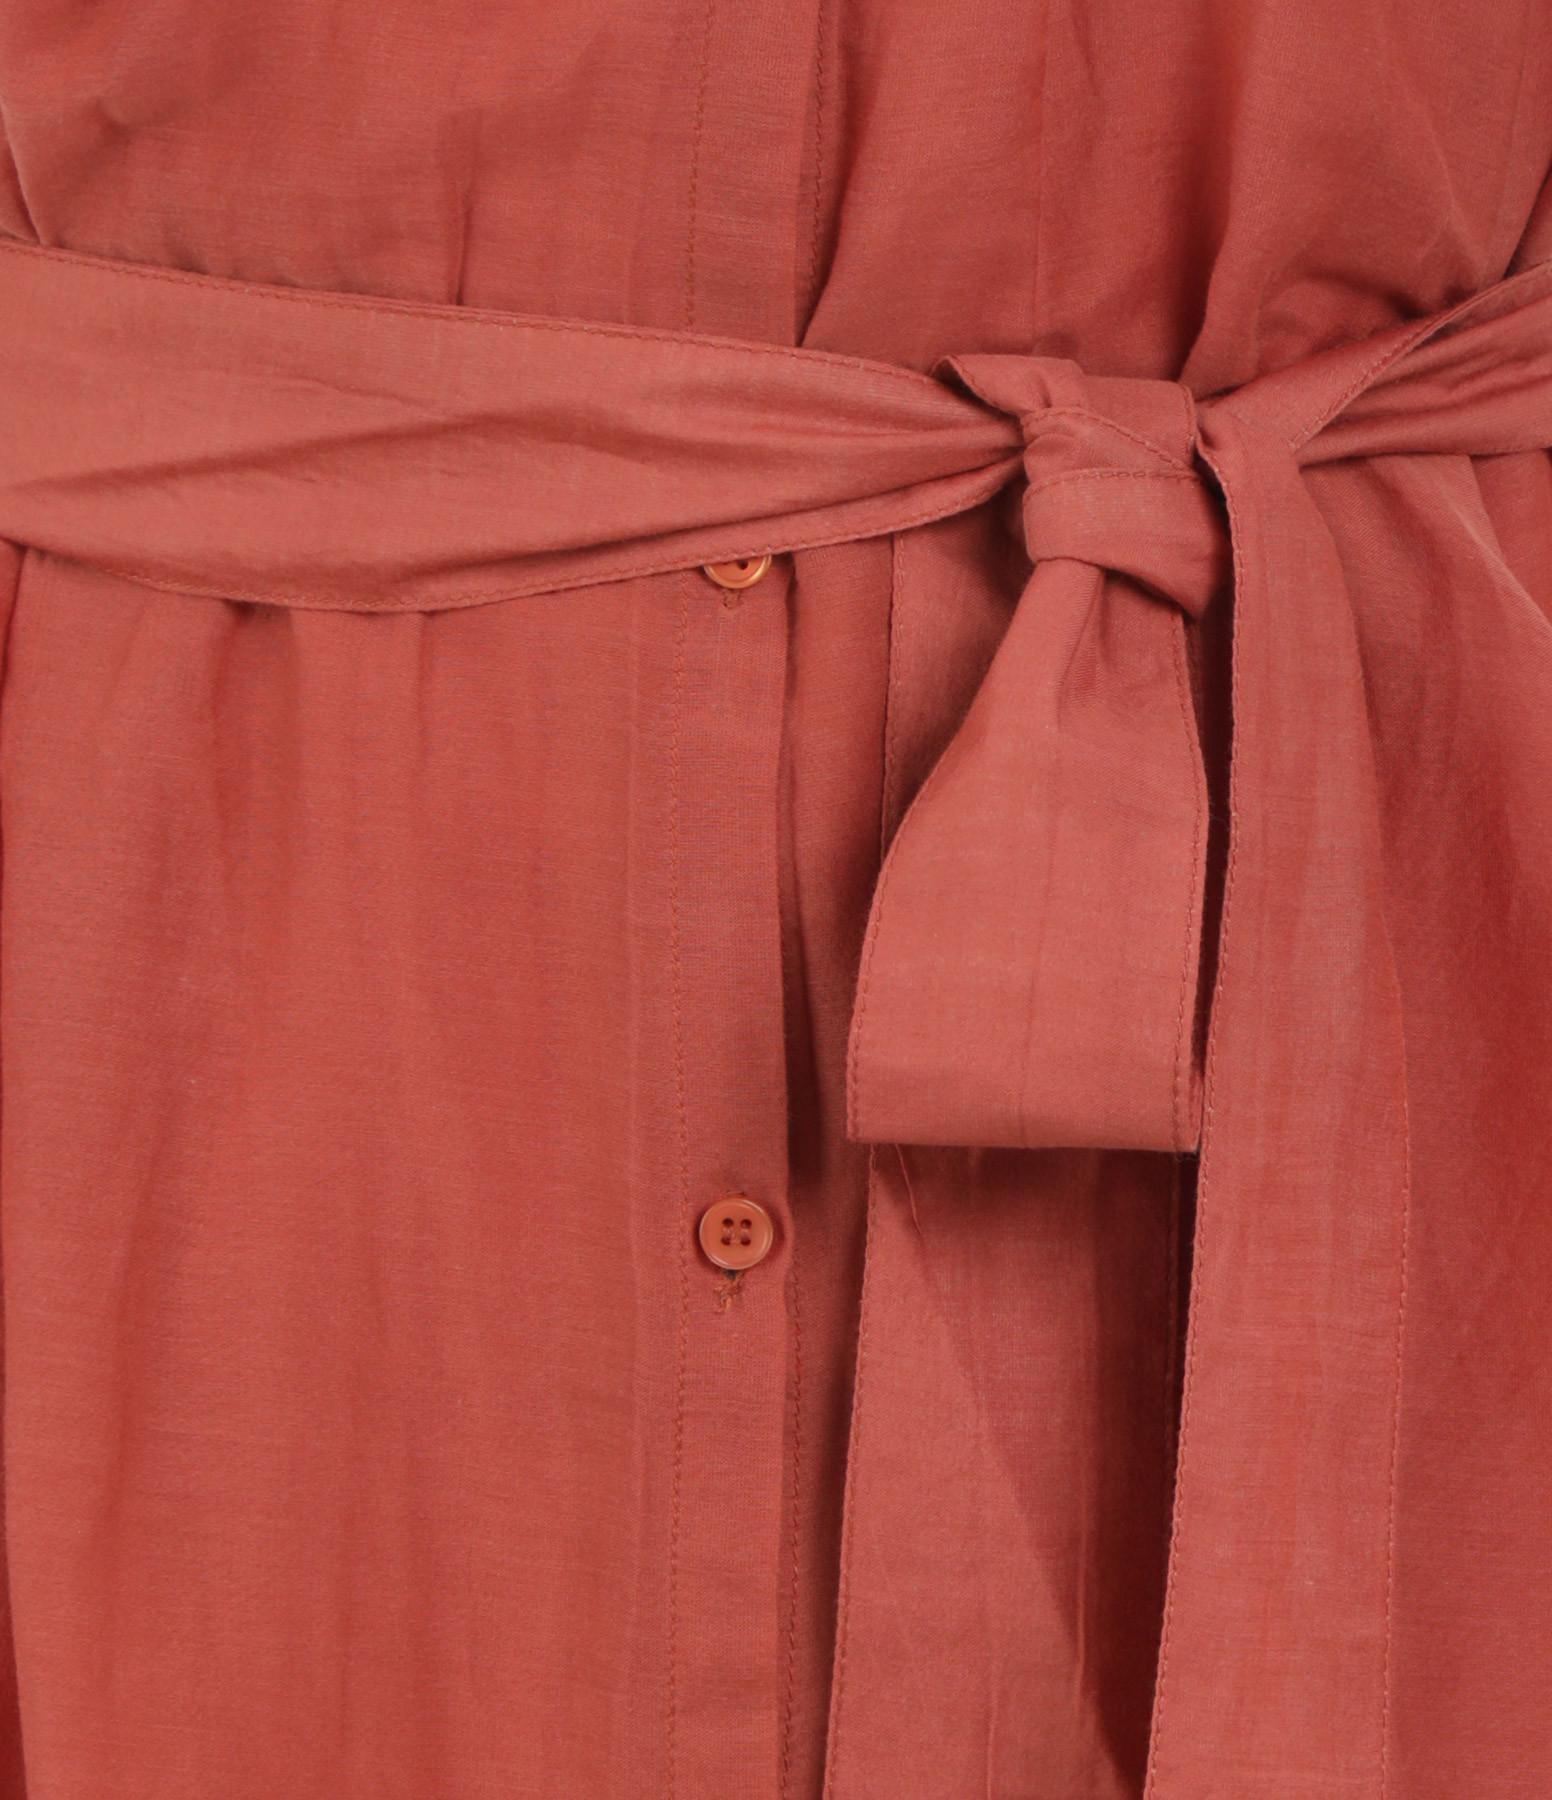 BELLE PIÈCE - Robe Richard Soie Coton Brique